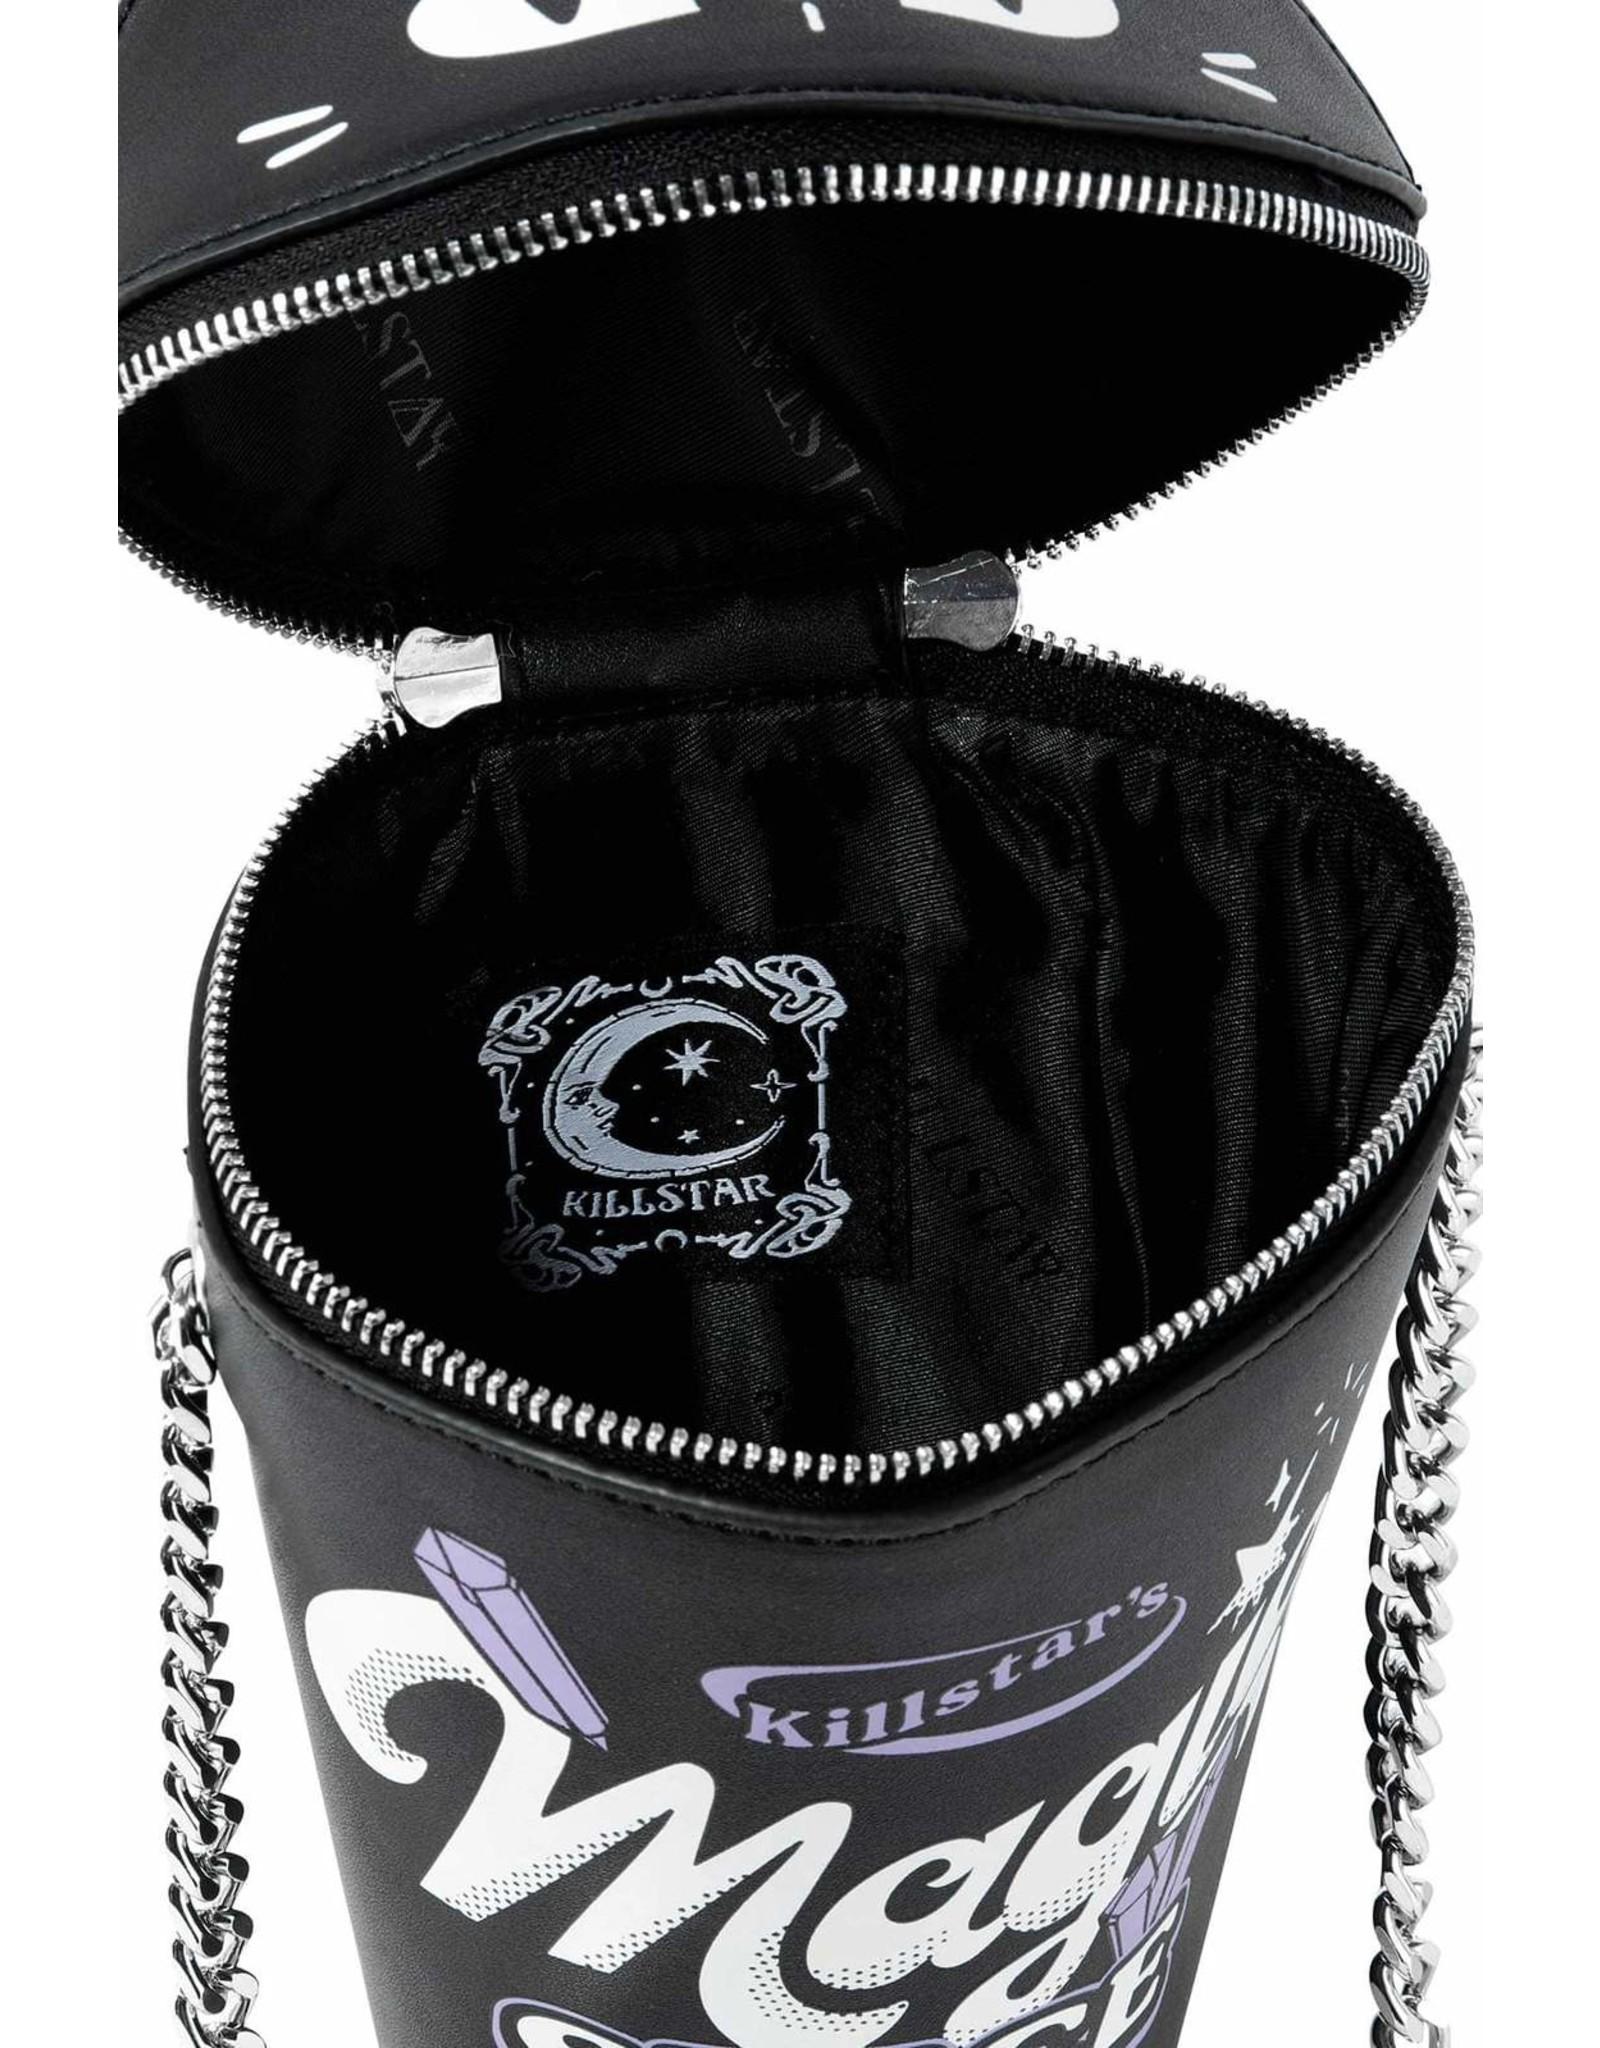 Killstar Killstar tassen en accessoires - Killstar Magic Spice handtas